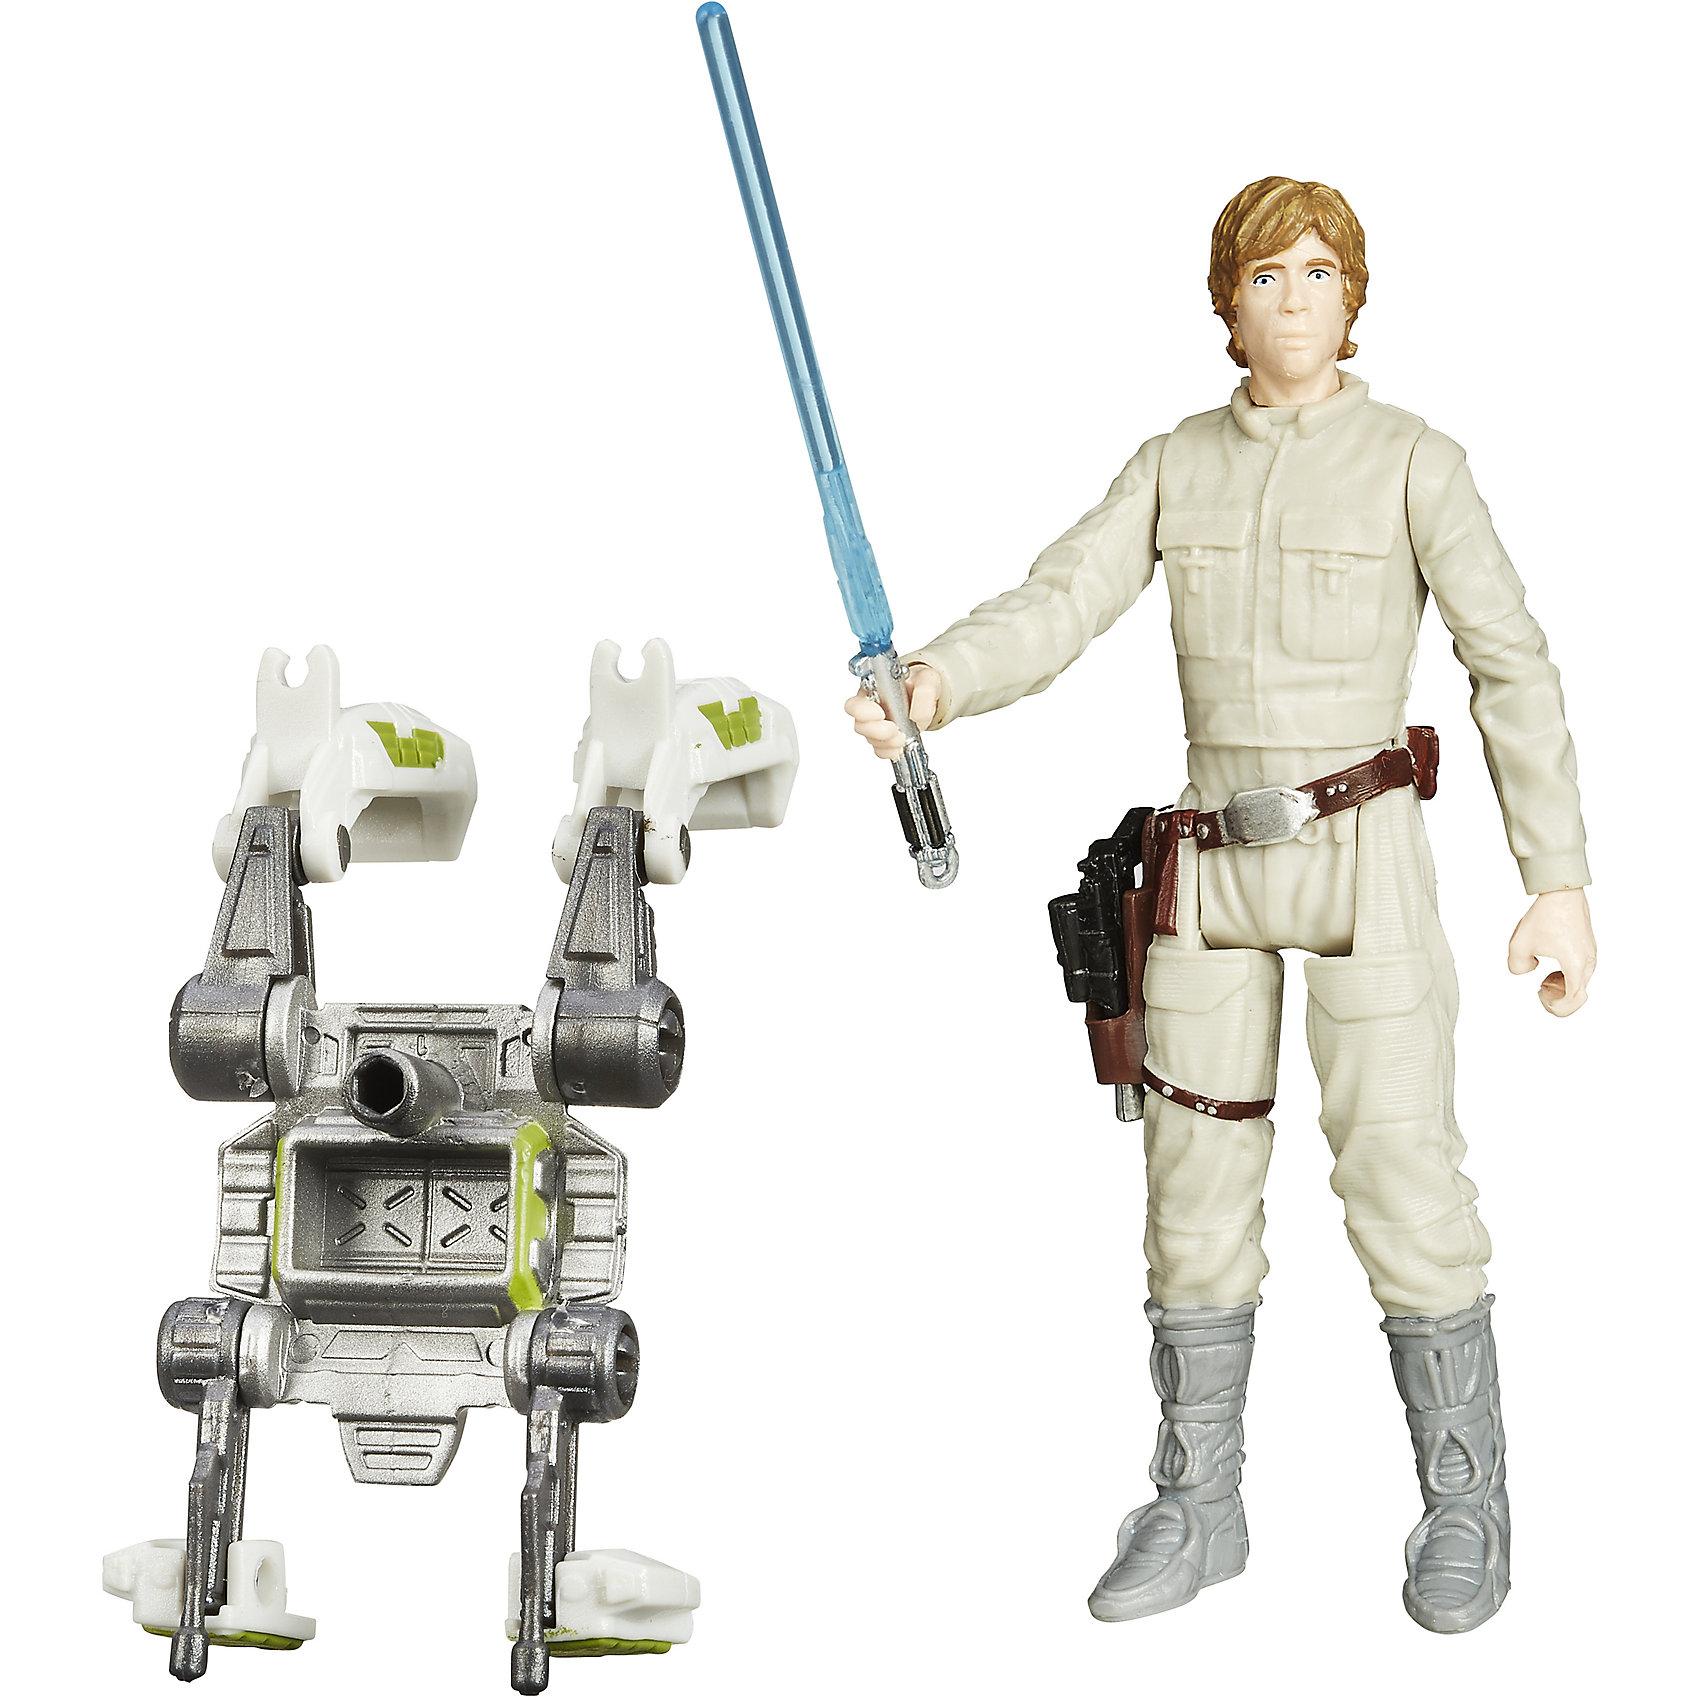 Фигурка вселенной Звездные Войны (Джунгли/ Космос), Люк СкайуокерИгрушки<br>Фигурка станет прекрасным подарком всем поклонникам всемирно известной саги Star Wars. Игрушка прекрасно детализирована, имеет подвижные конечности. В комплекте красный световой меч. Также в наборе есть составная часть орудия. Собери три фигурки и стань обладателем уникального орудия. <br><br>Дополнительная информация:<br><br>- Материал: пластик.<br>- Размер фигурки: 10 см. <br><br><br>Фигурку вселенной Звездные Войны (Джунгли/ Космос), Люк Скайуокер можно купить в нашем магазине.<br><br>Ширина мм: 38<br>Глубина мм: 140<br>Высота мм: 210<br>Вес г: 40<br>Возраст от месяцев: 48<br>Возраст до месяцев: 96<br>Пол: Мужской<br>Возраст: Детский<br>SKU: 4803352